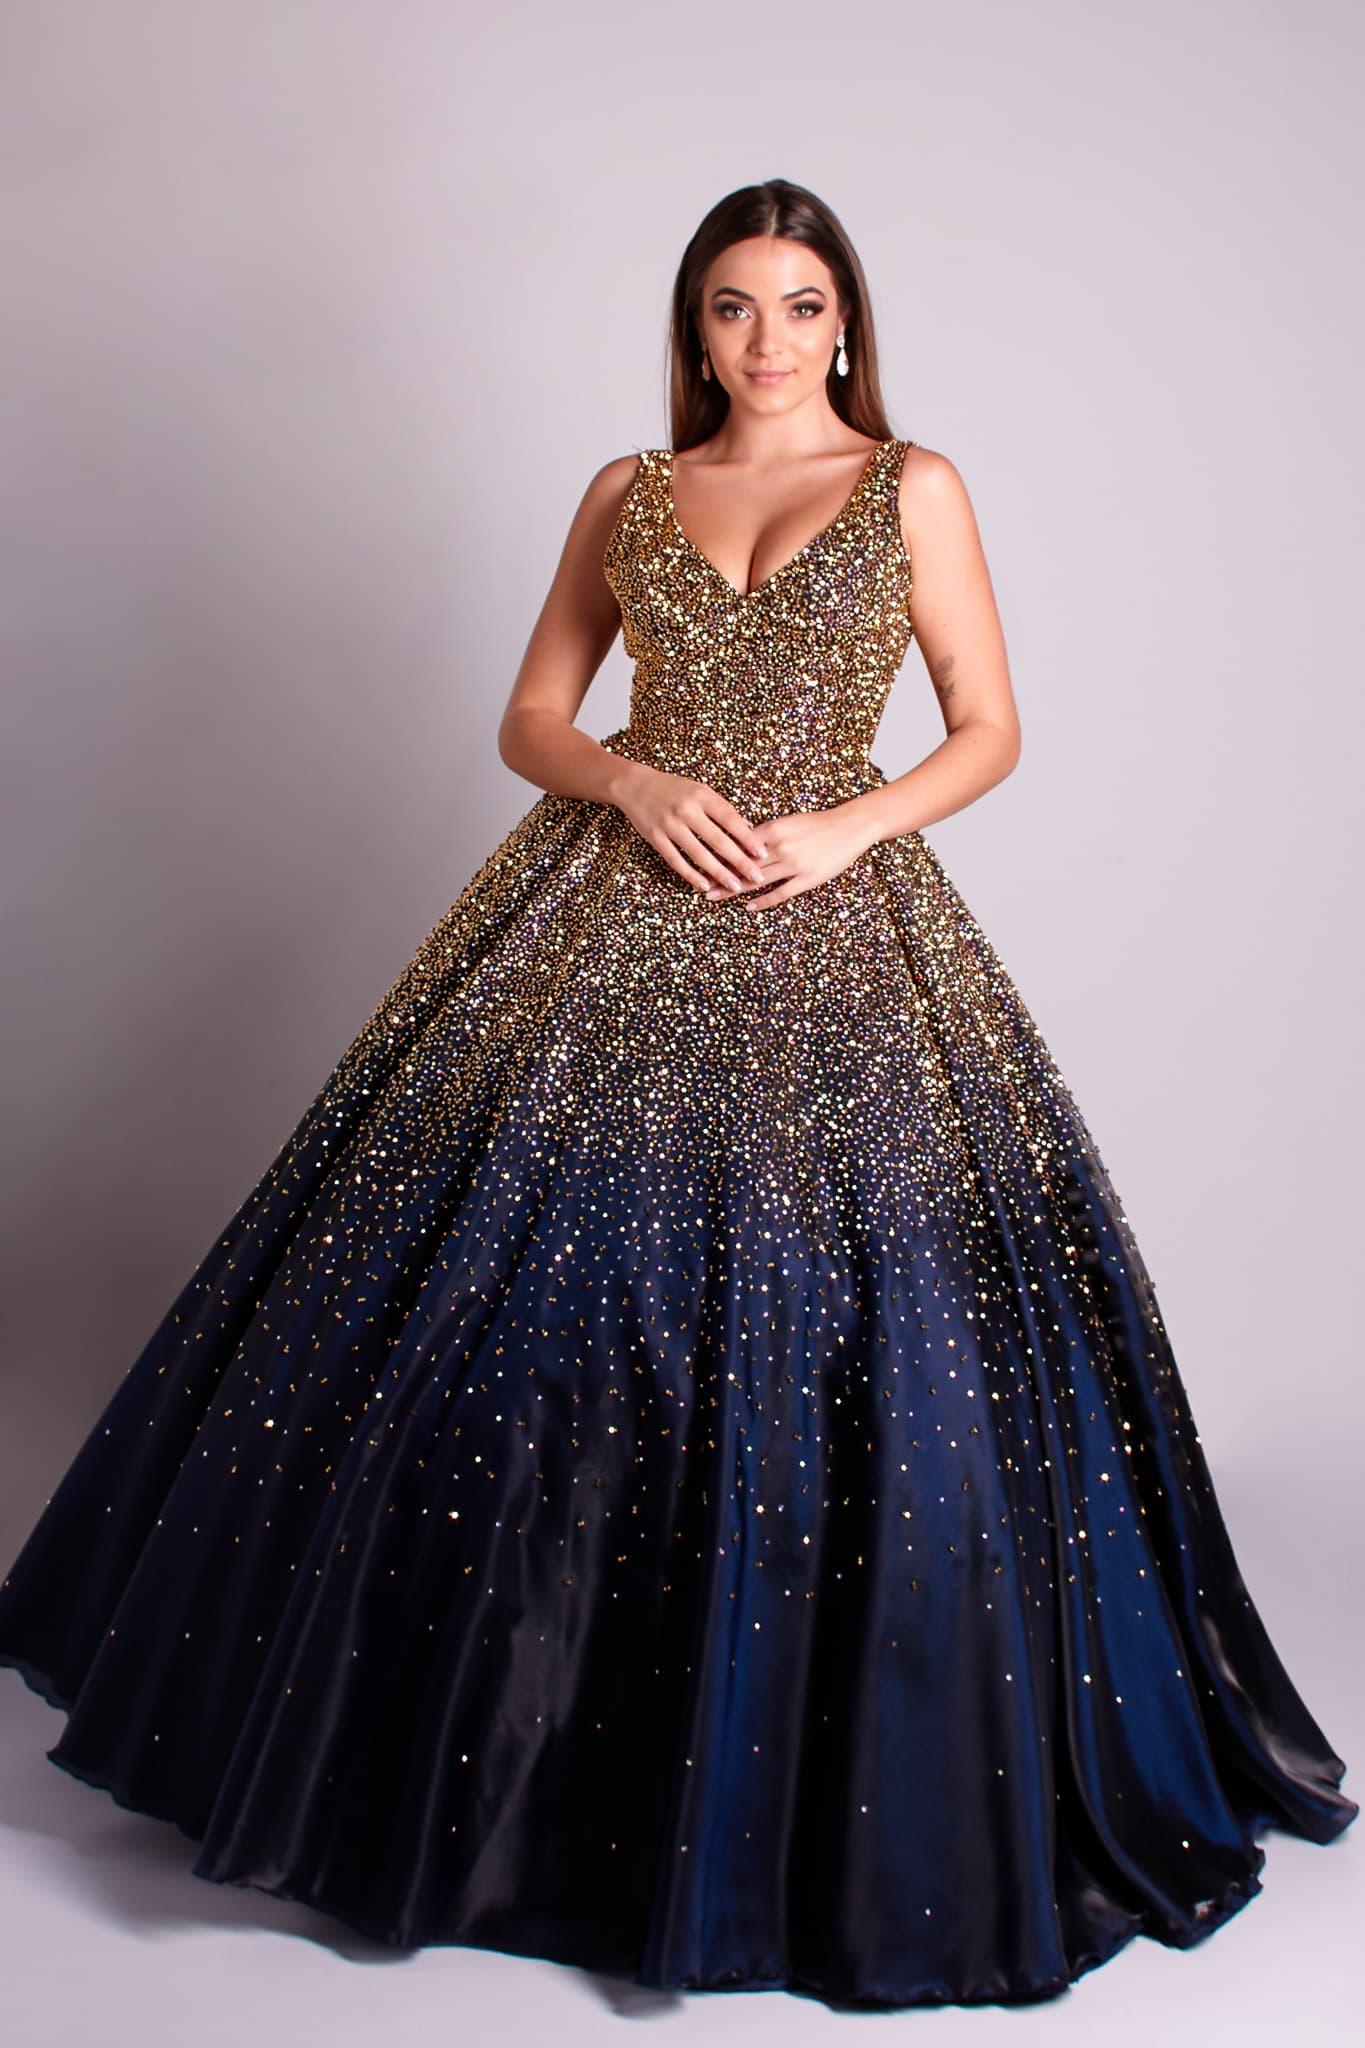 142 - Vestido azul marinho bordado à mão em cristais dourados